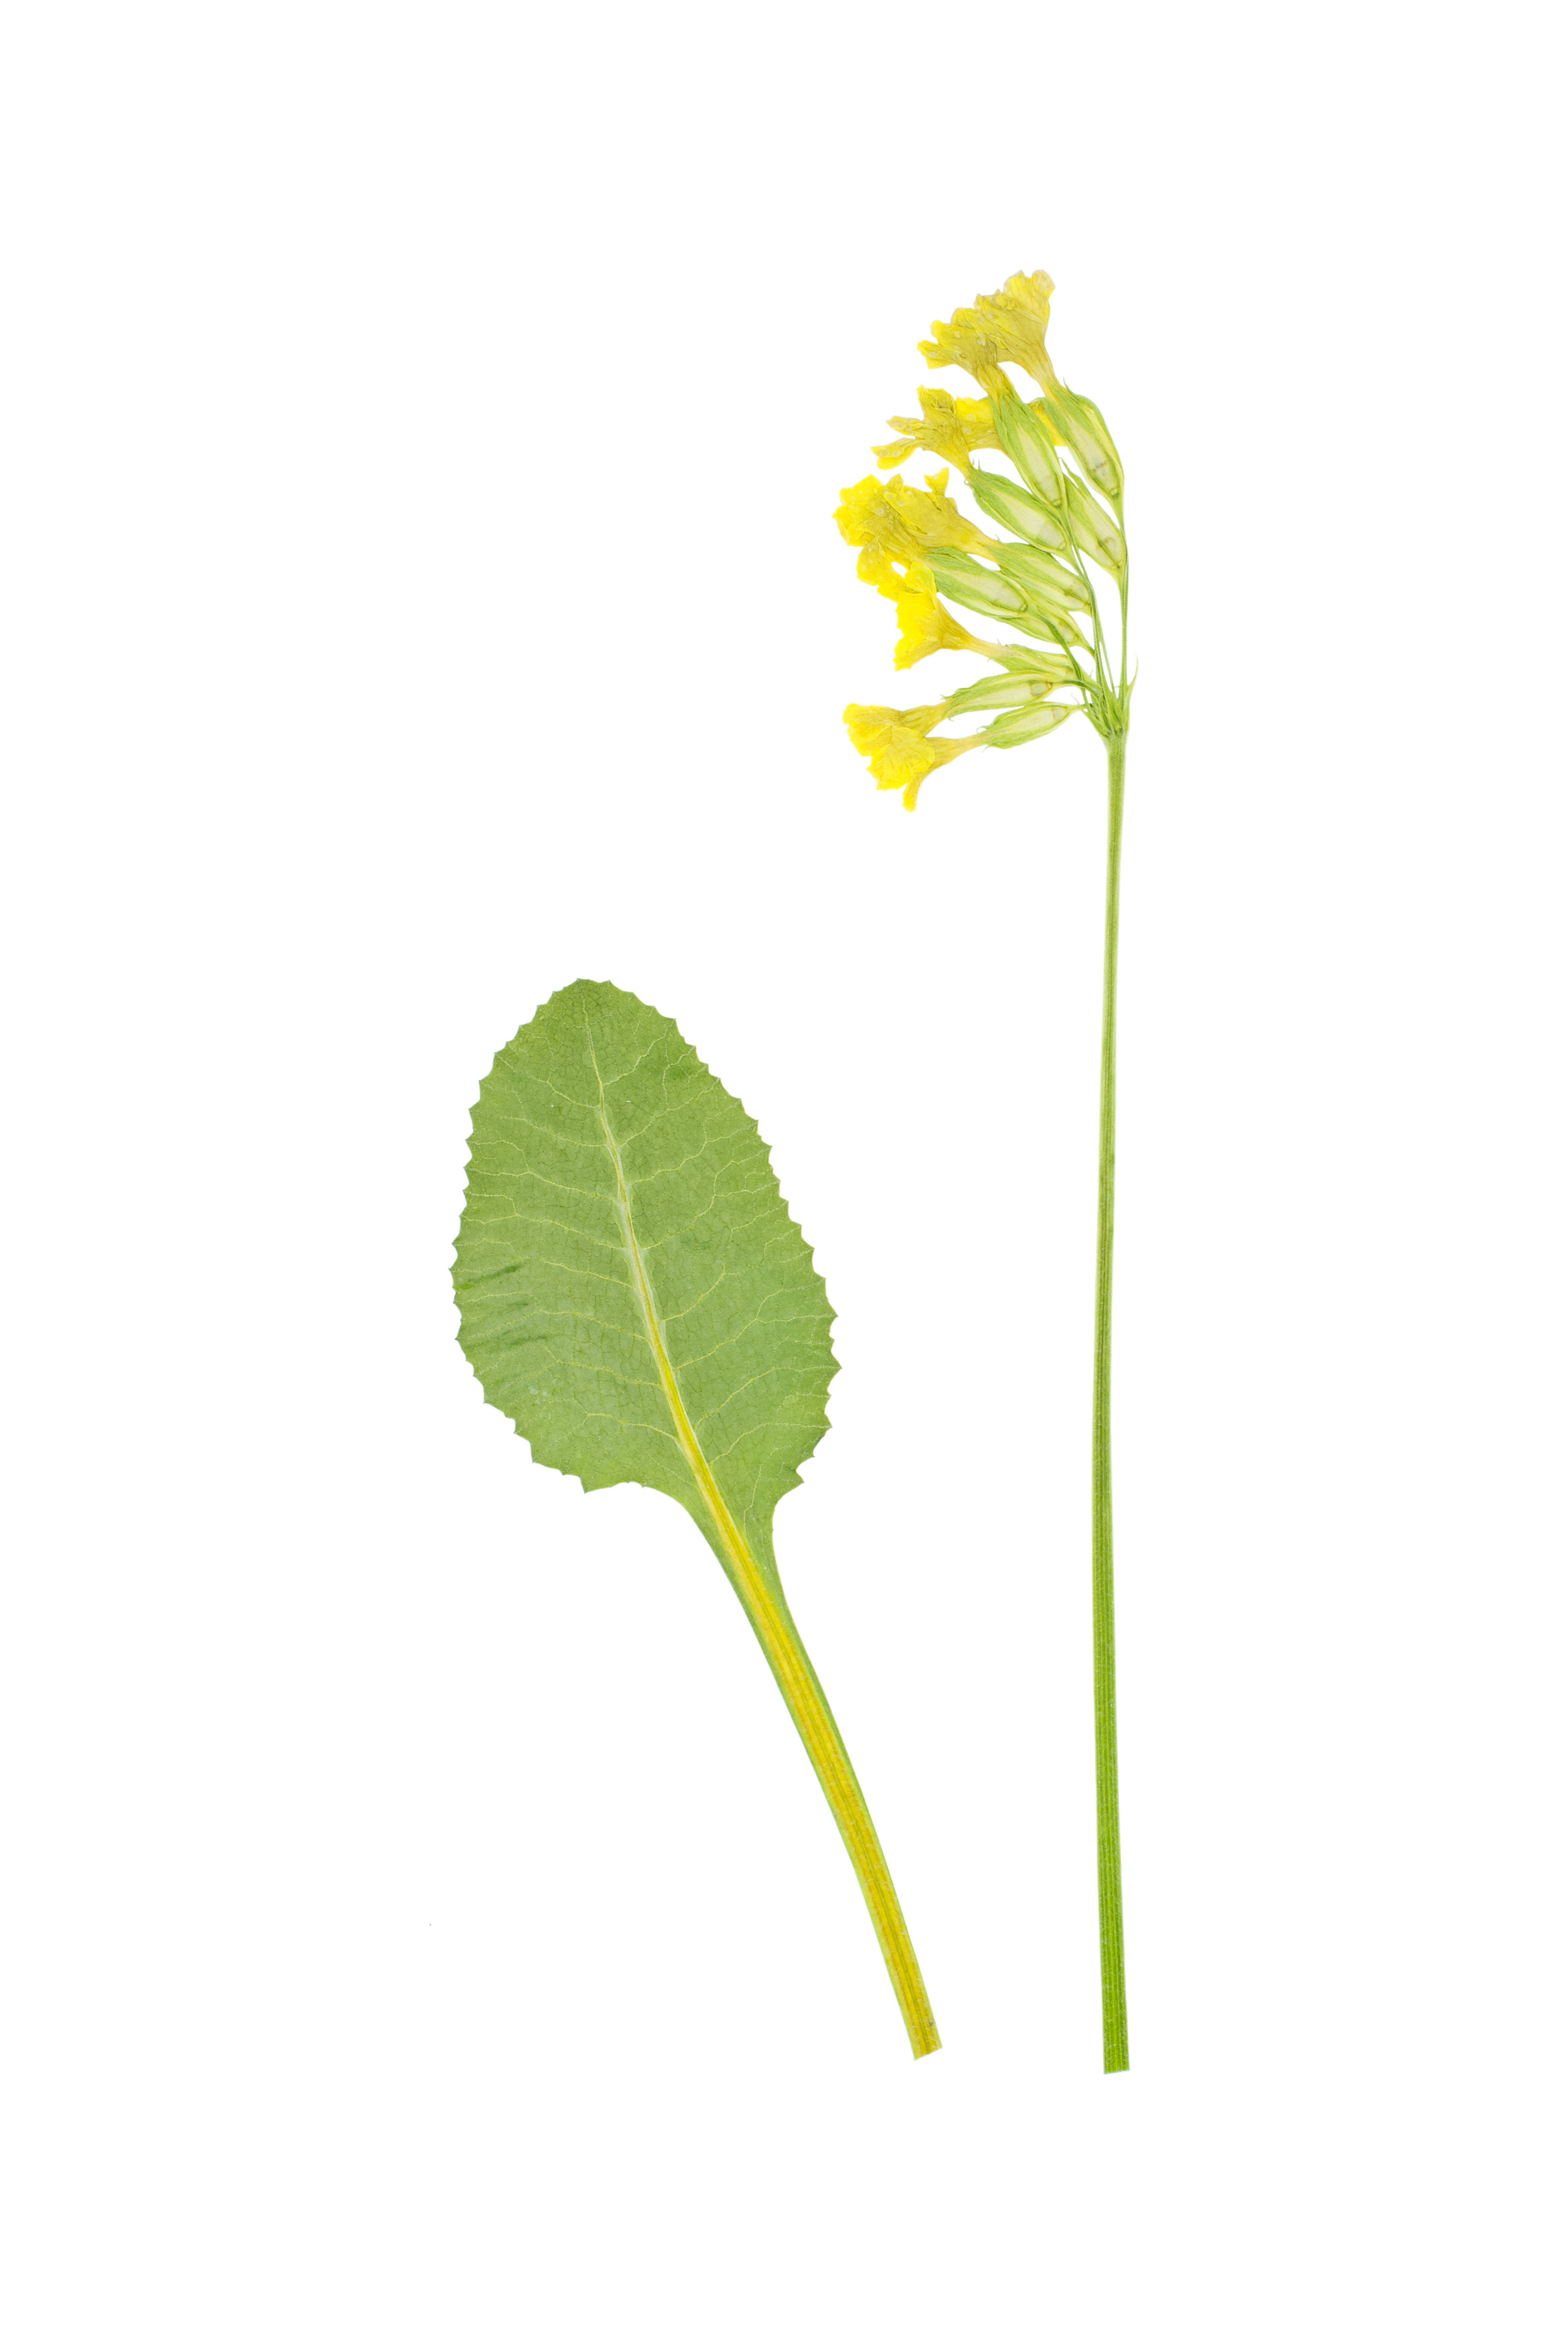 Oxlip / Primula elatior